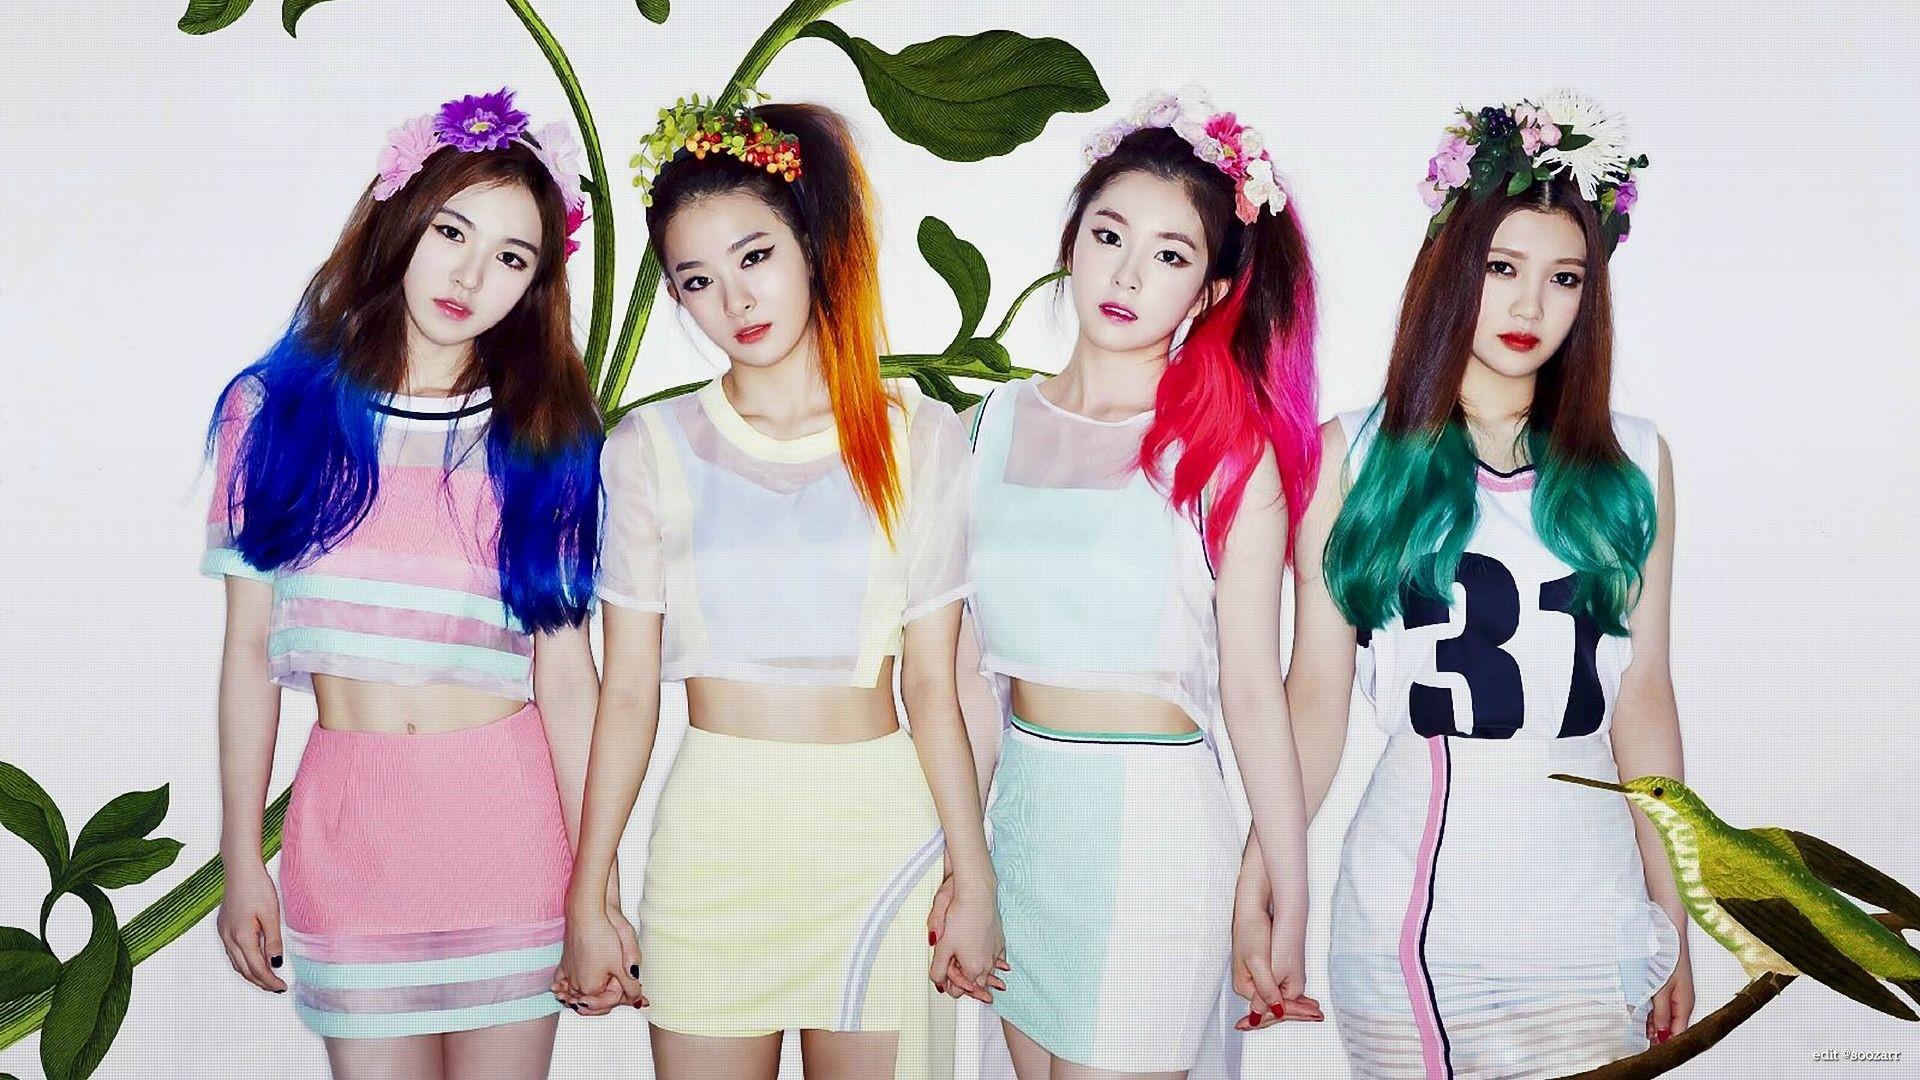 Red Velvet wallpaper photo hd